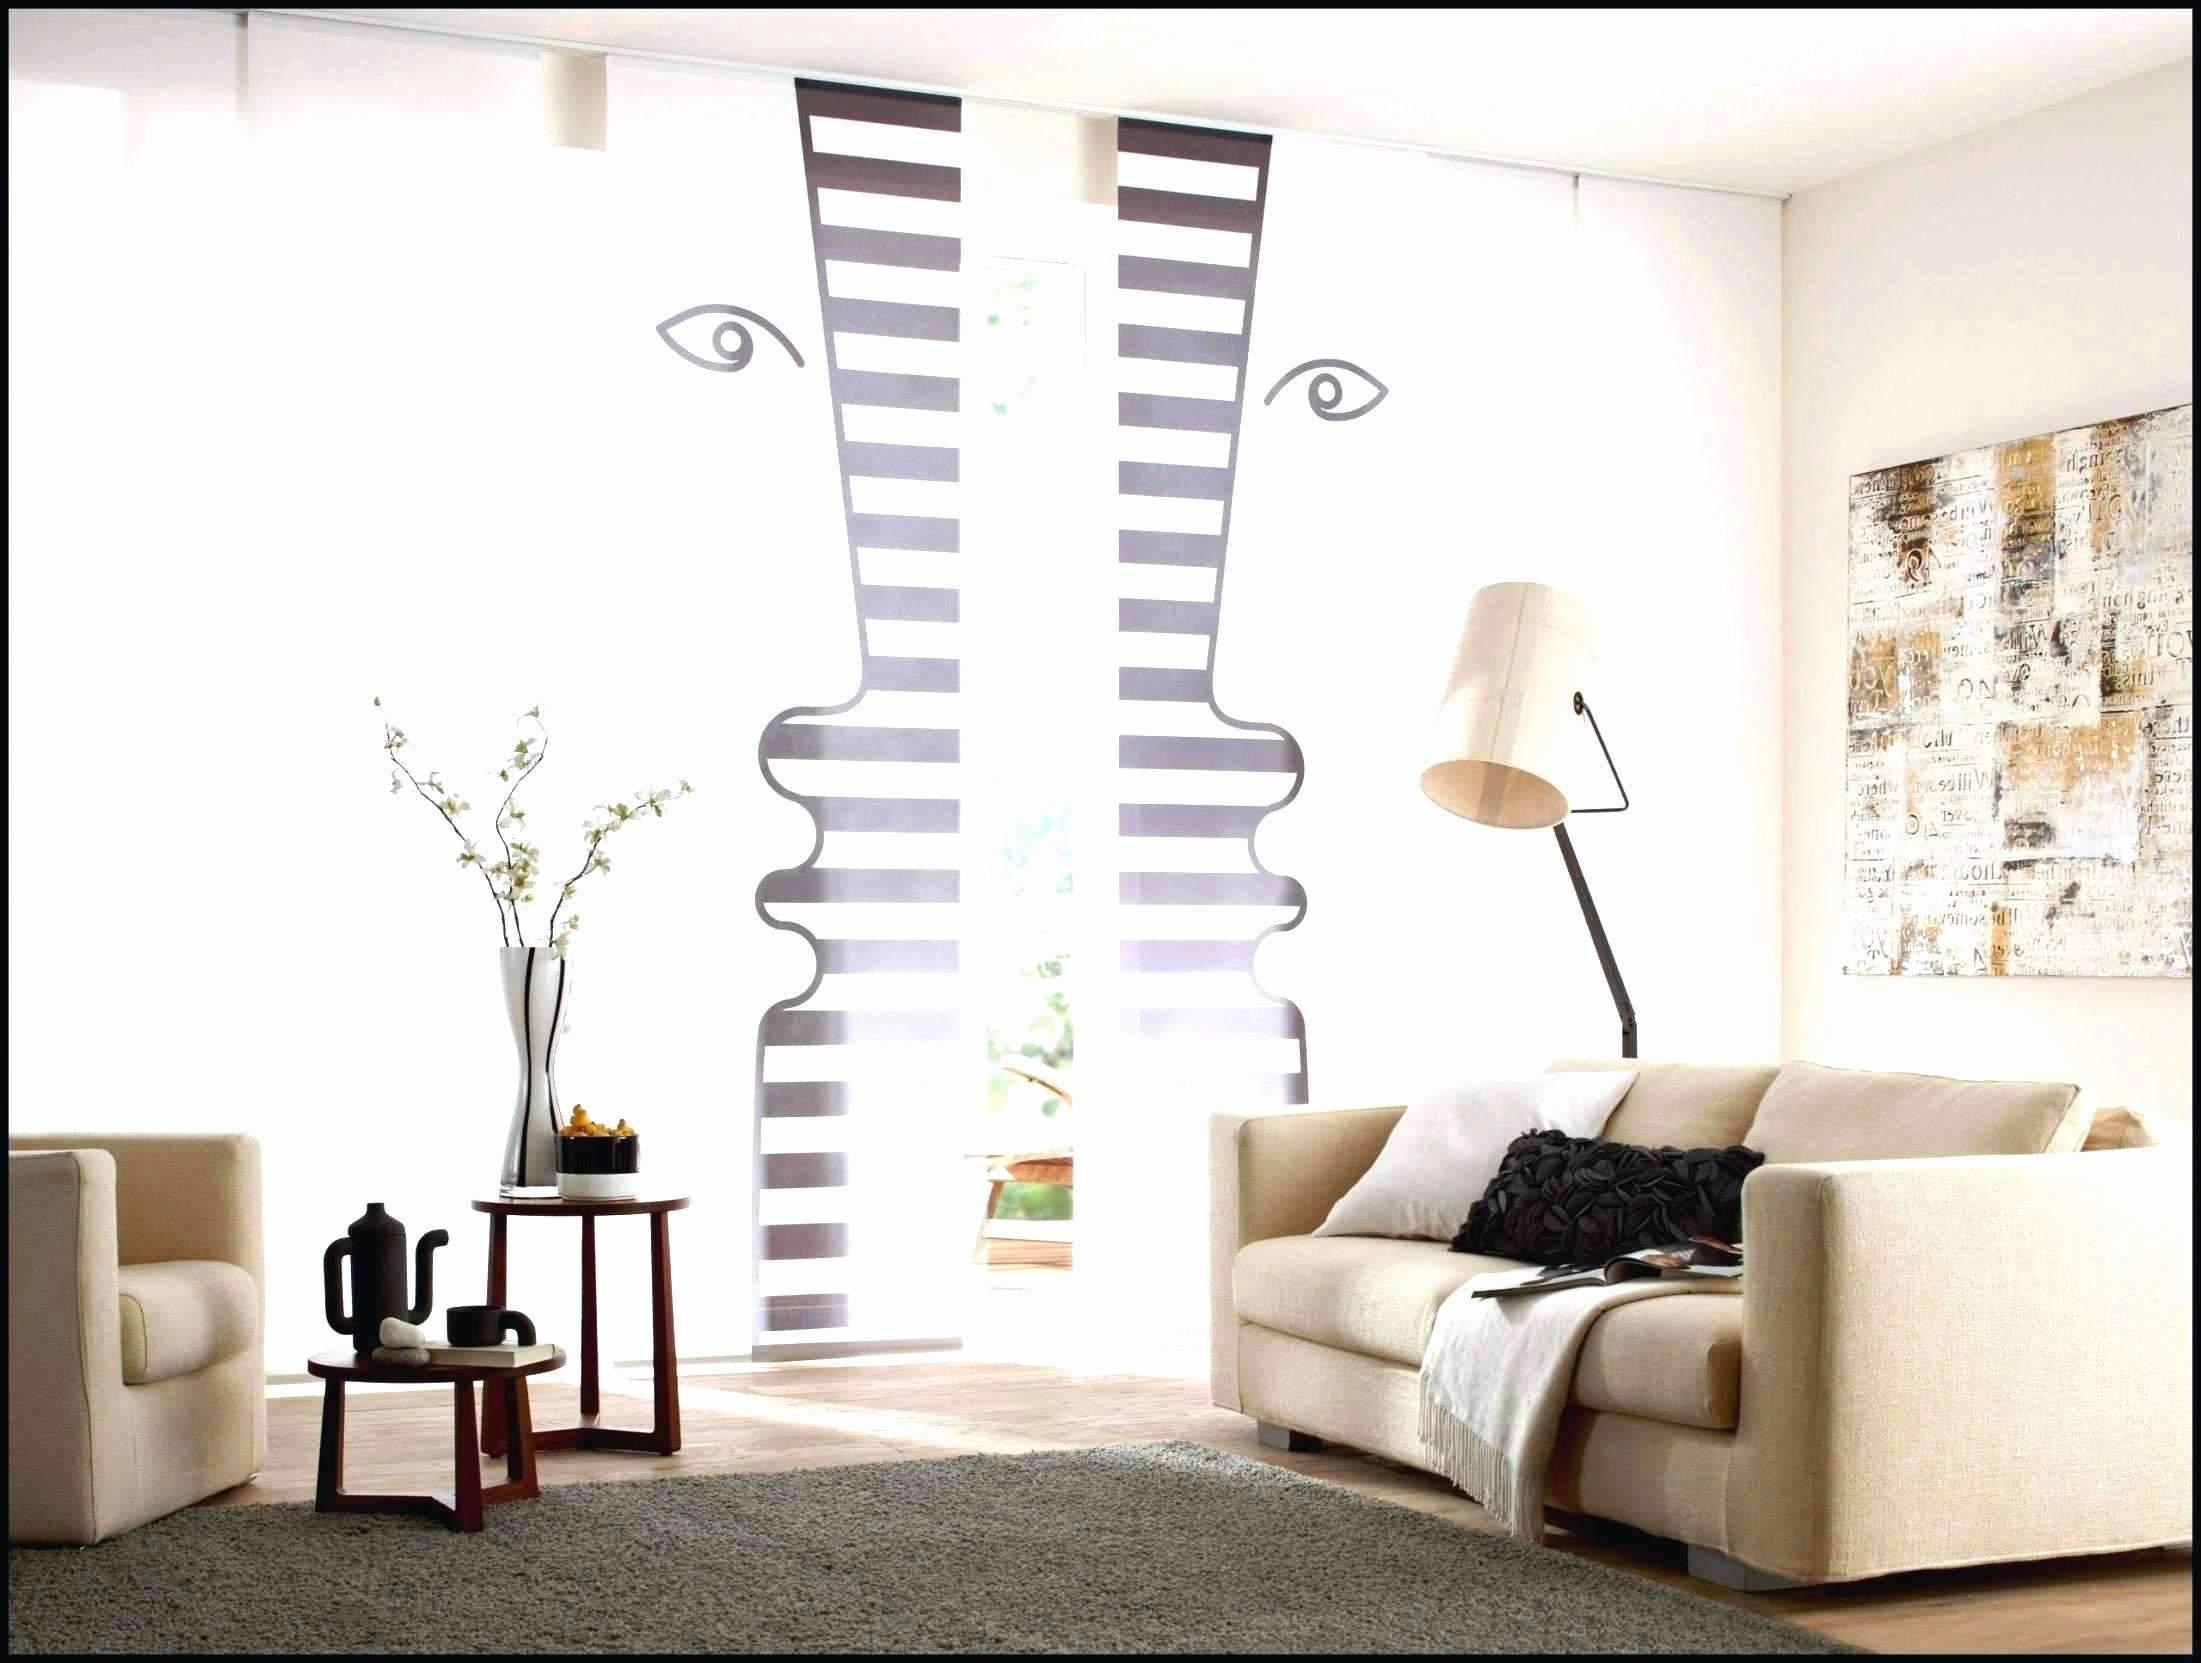 Full Size of Scheibengardine Modern Wohnzimmer Das Beste Von 41 Neu Scheibengardinen Moderne Deckenleuchte Küche Holz Landhausküche Modernes Bett Sofa Deckenlampen Design Wohnzimmer Scheibengardine Modern